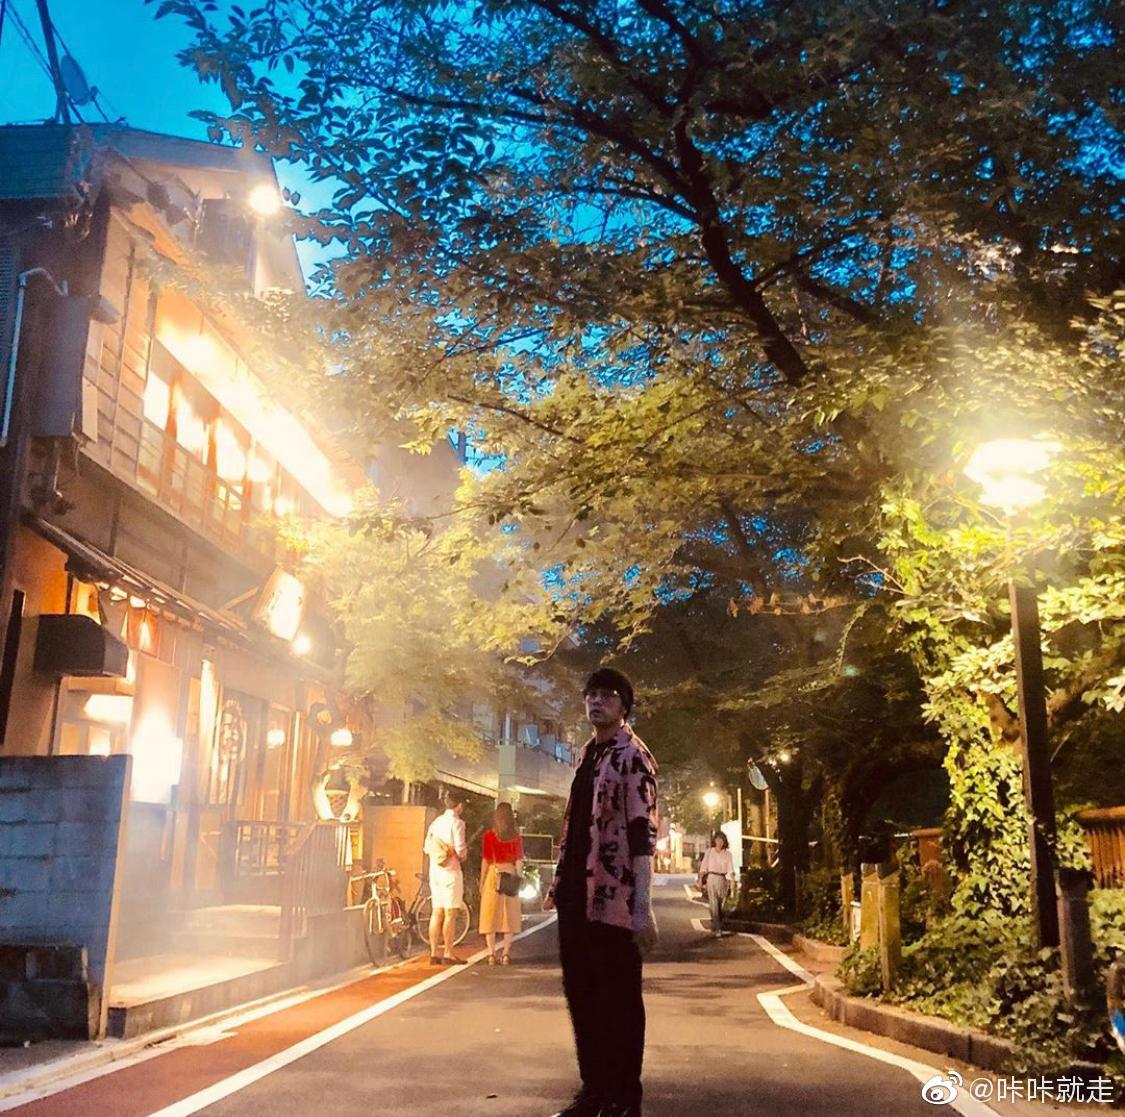 当大家熬夜给 刷榜的时候,他正在日本东京旅行。目黑川、原宿